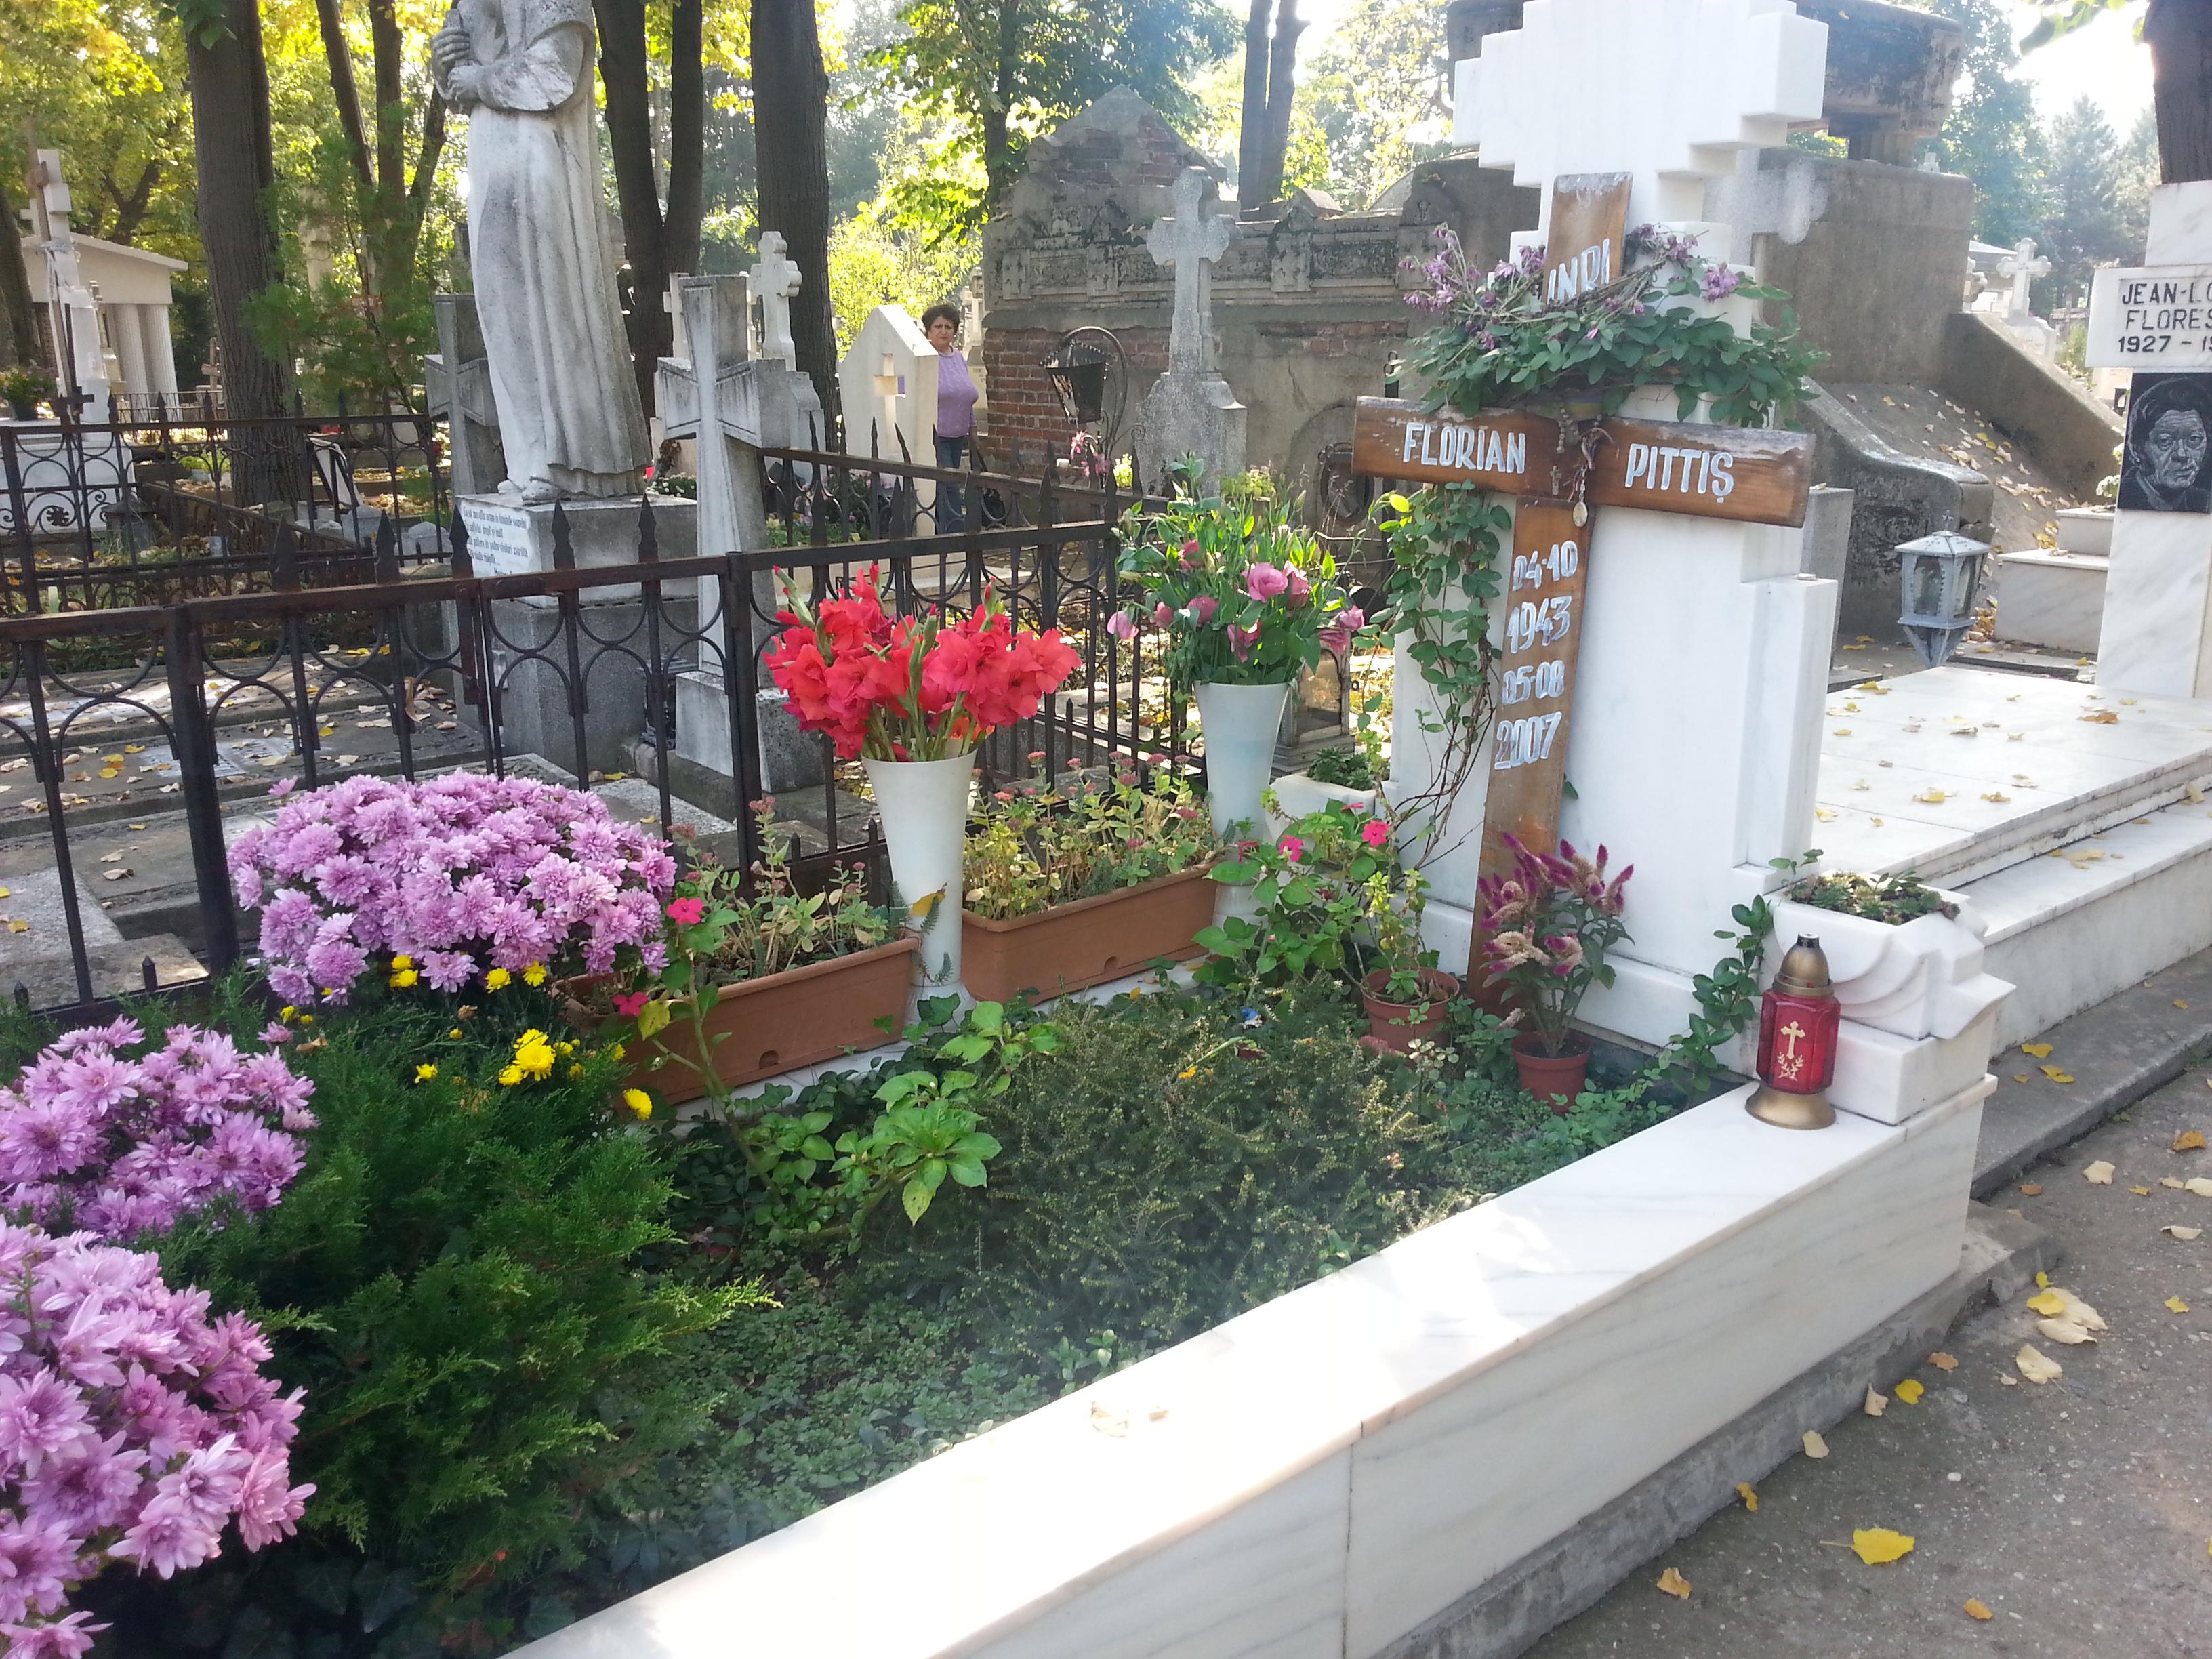 La capataiul artistului au venit mai multe persoane pentru a il comemora pe 4 octombrie, cand acesta ar fi implinit 71 de ani